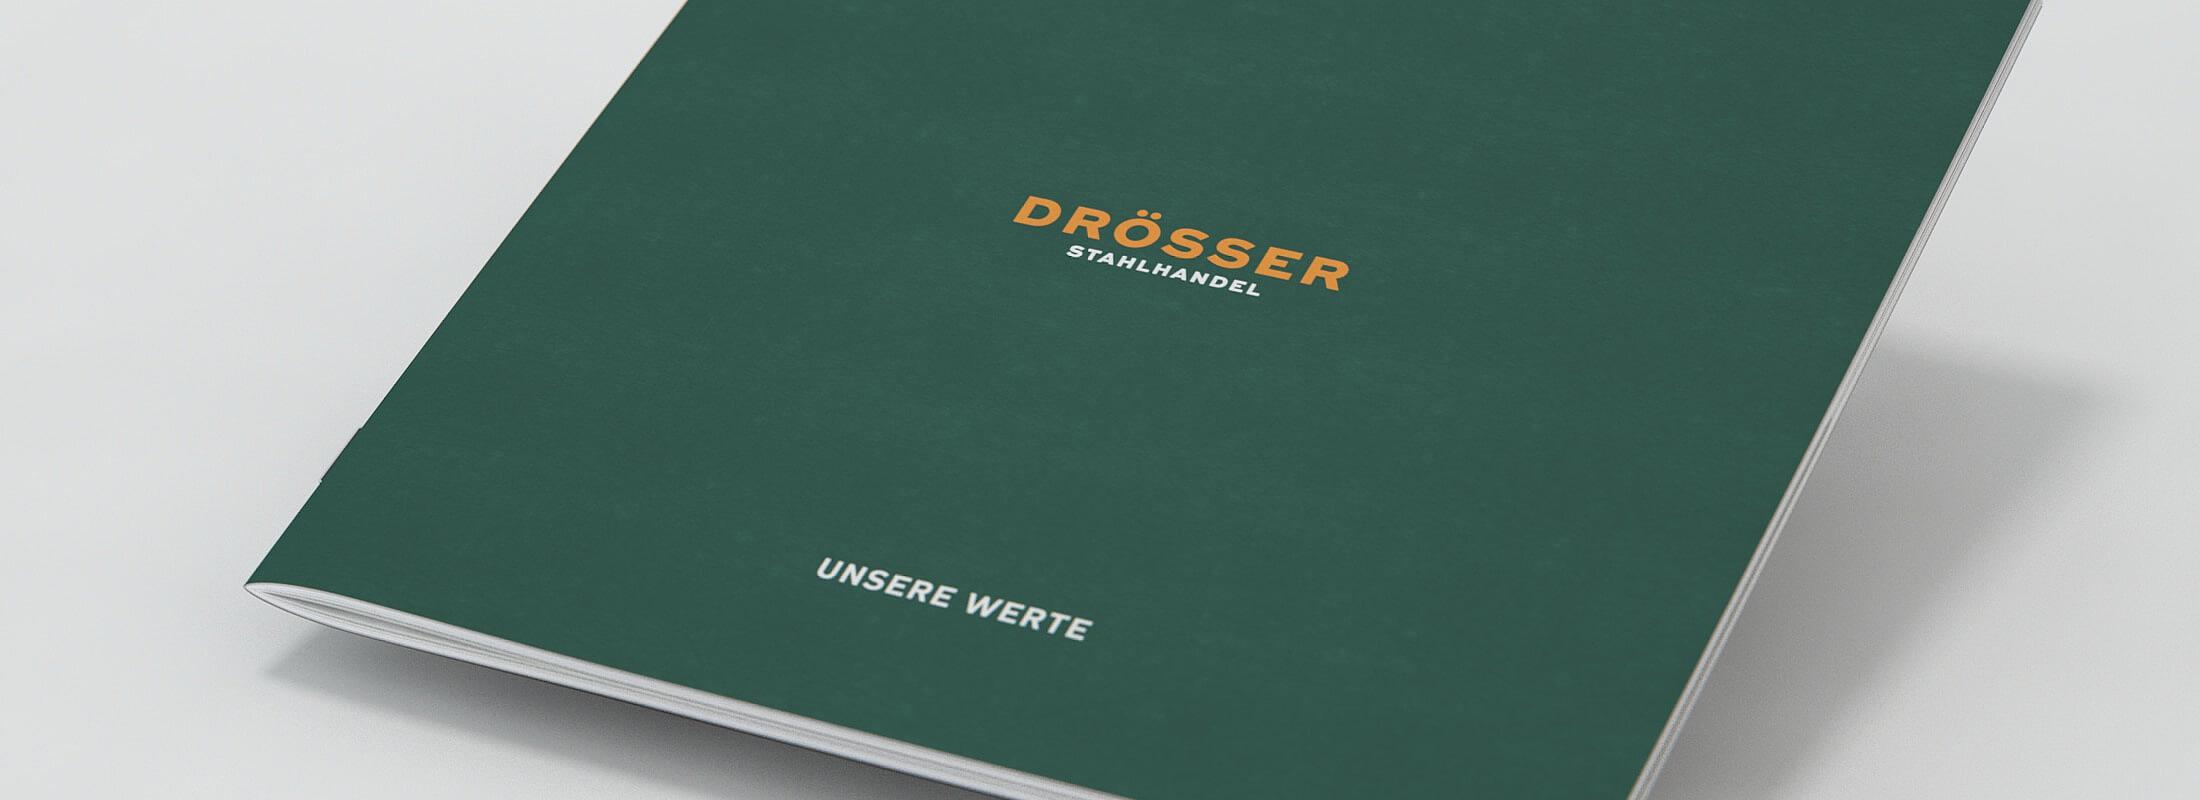 08-Droesser-Slide-04